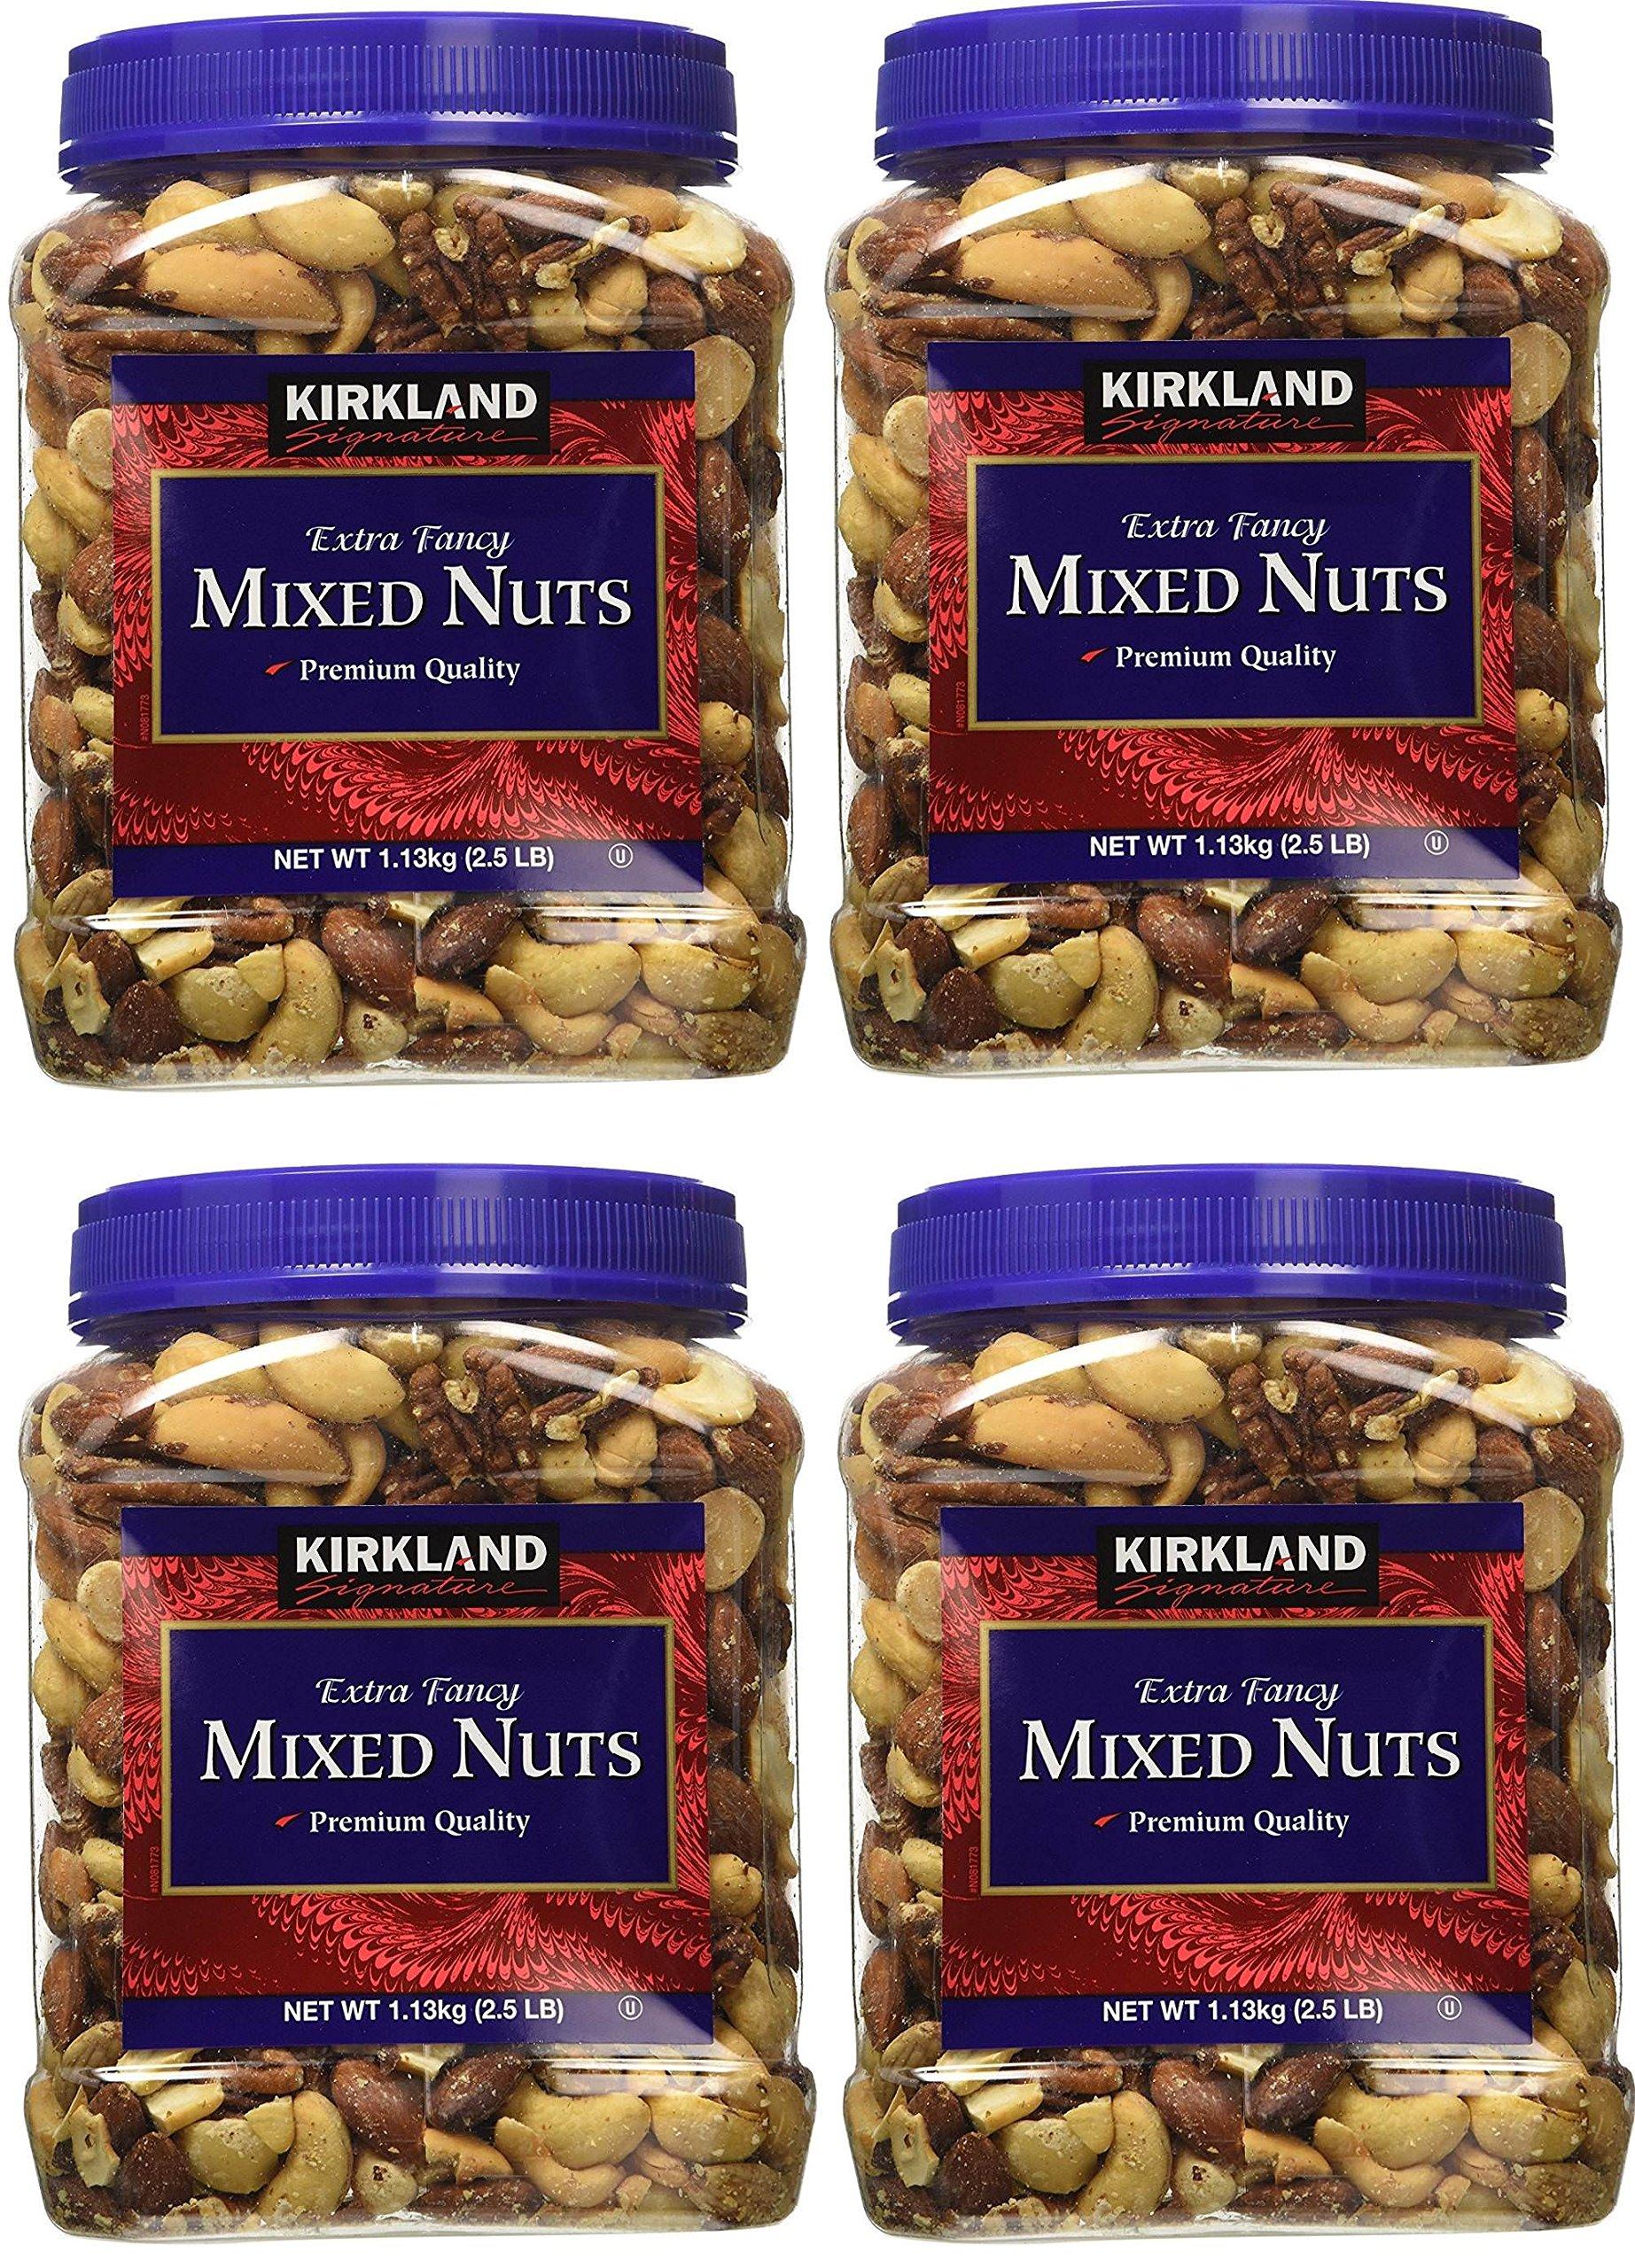 Signatures Kirkland, 4 Tubs (Fancy Mixed Nuts, 2.5 LB)